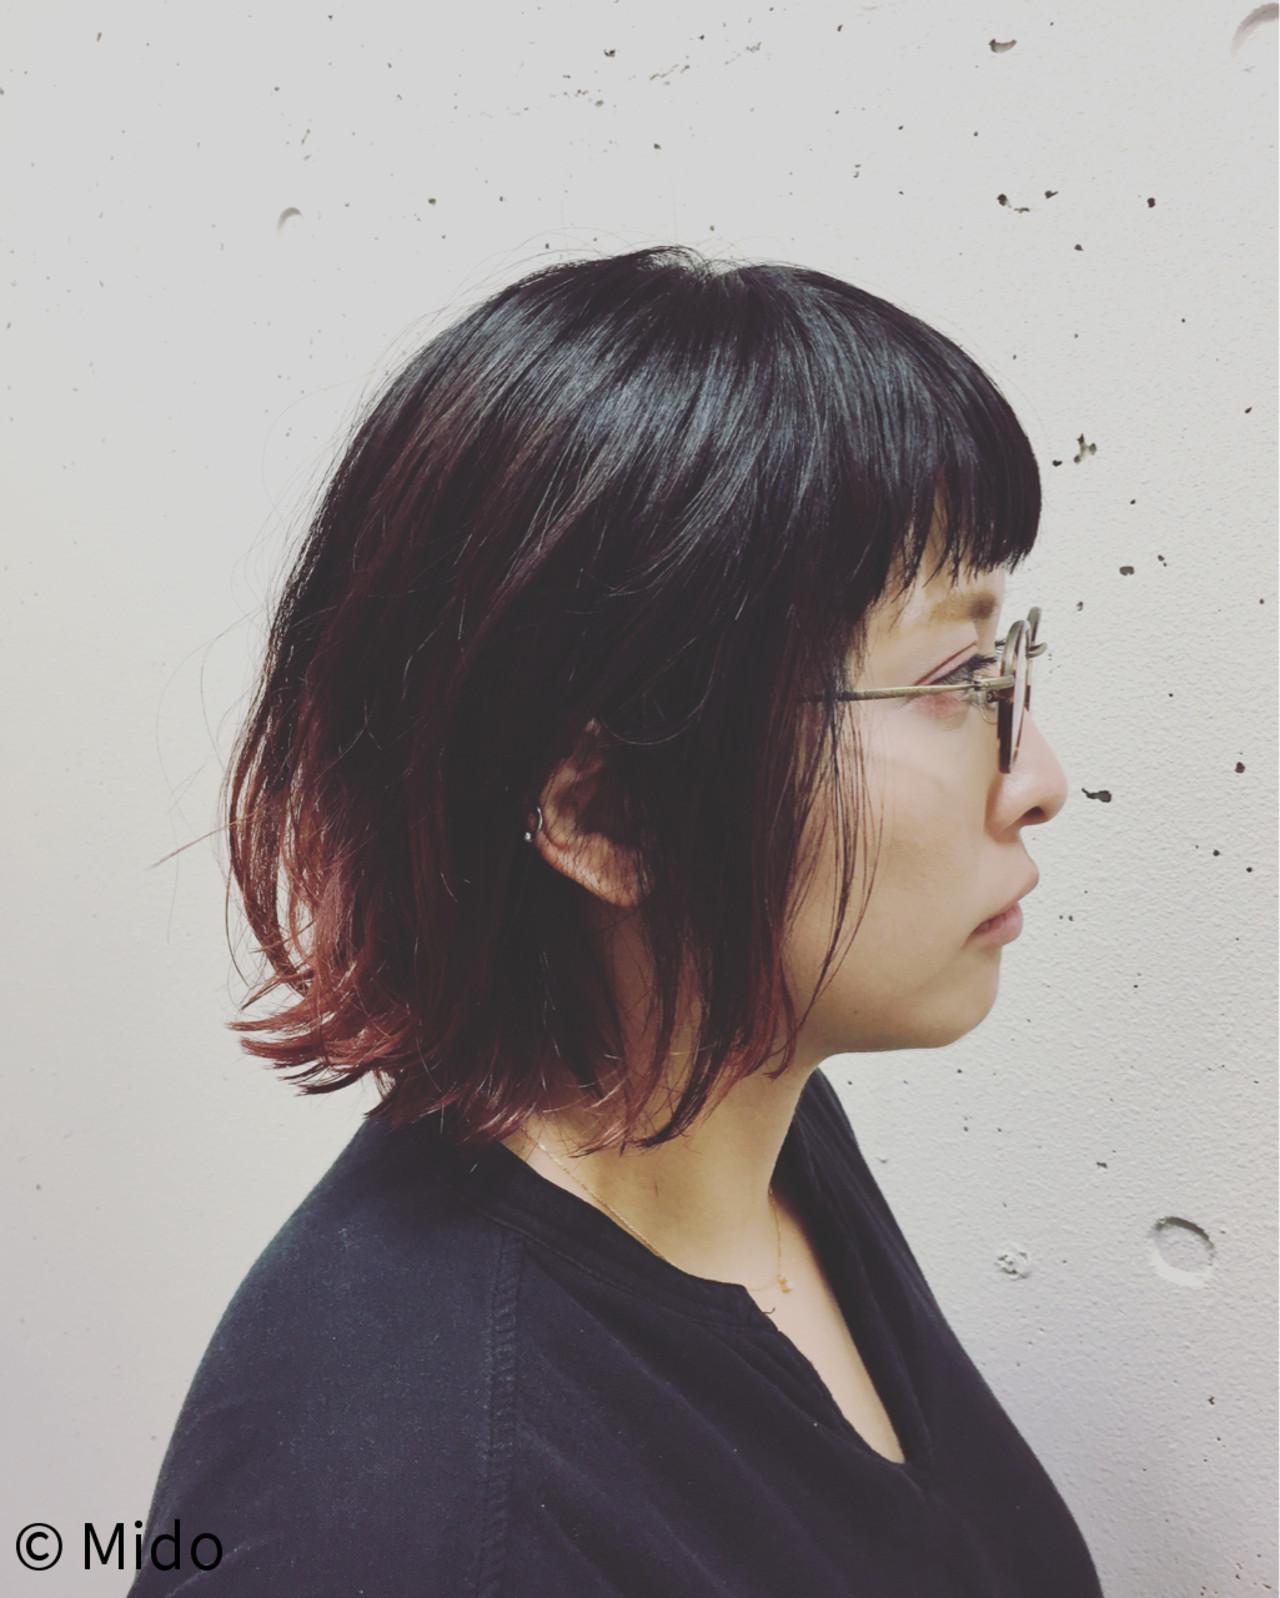 40代の魅力を最大限に引き出すヘアスタイルはボブ×パーマで決まり Mido  EFFORT